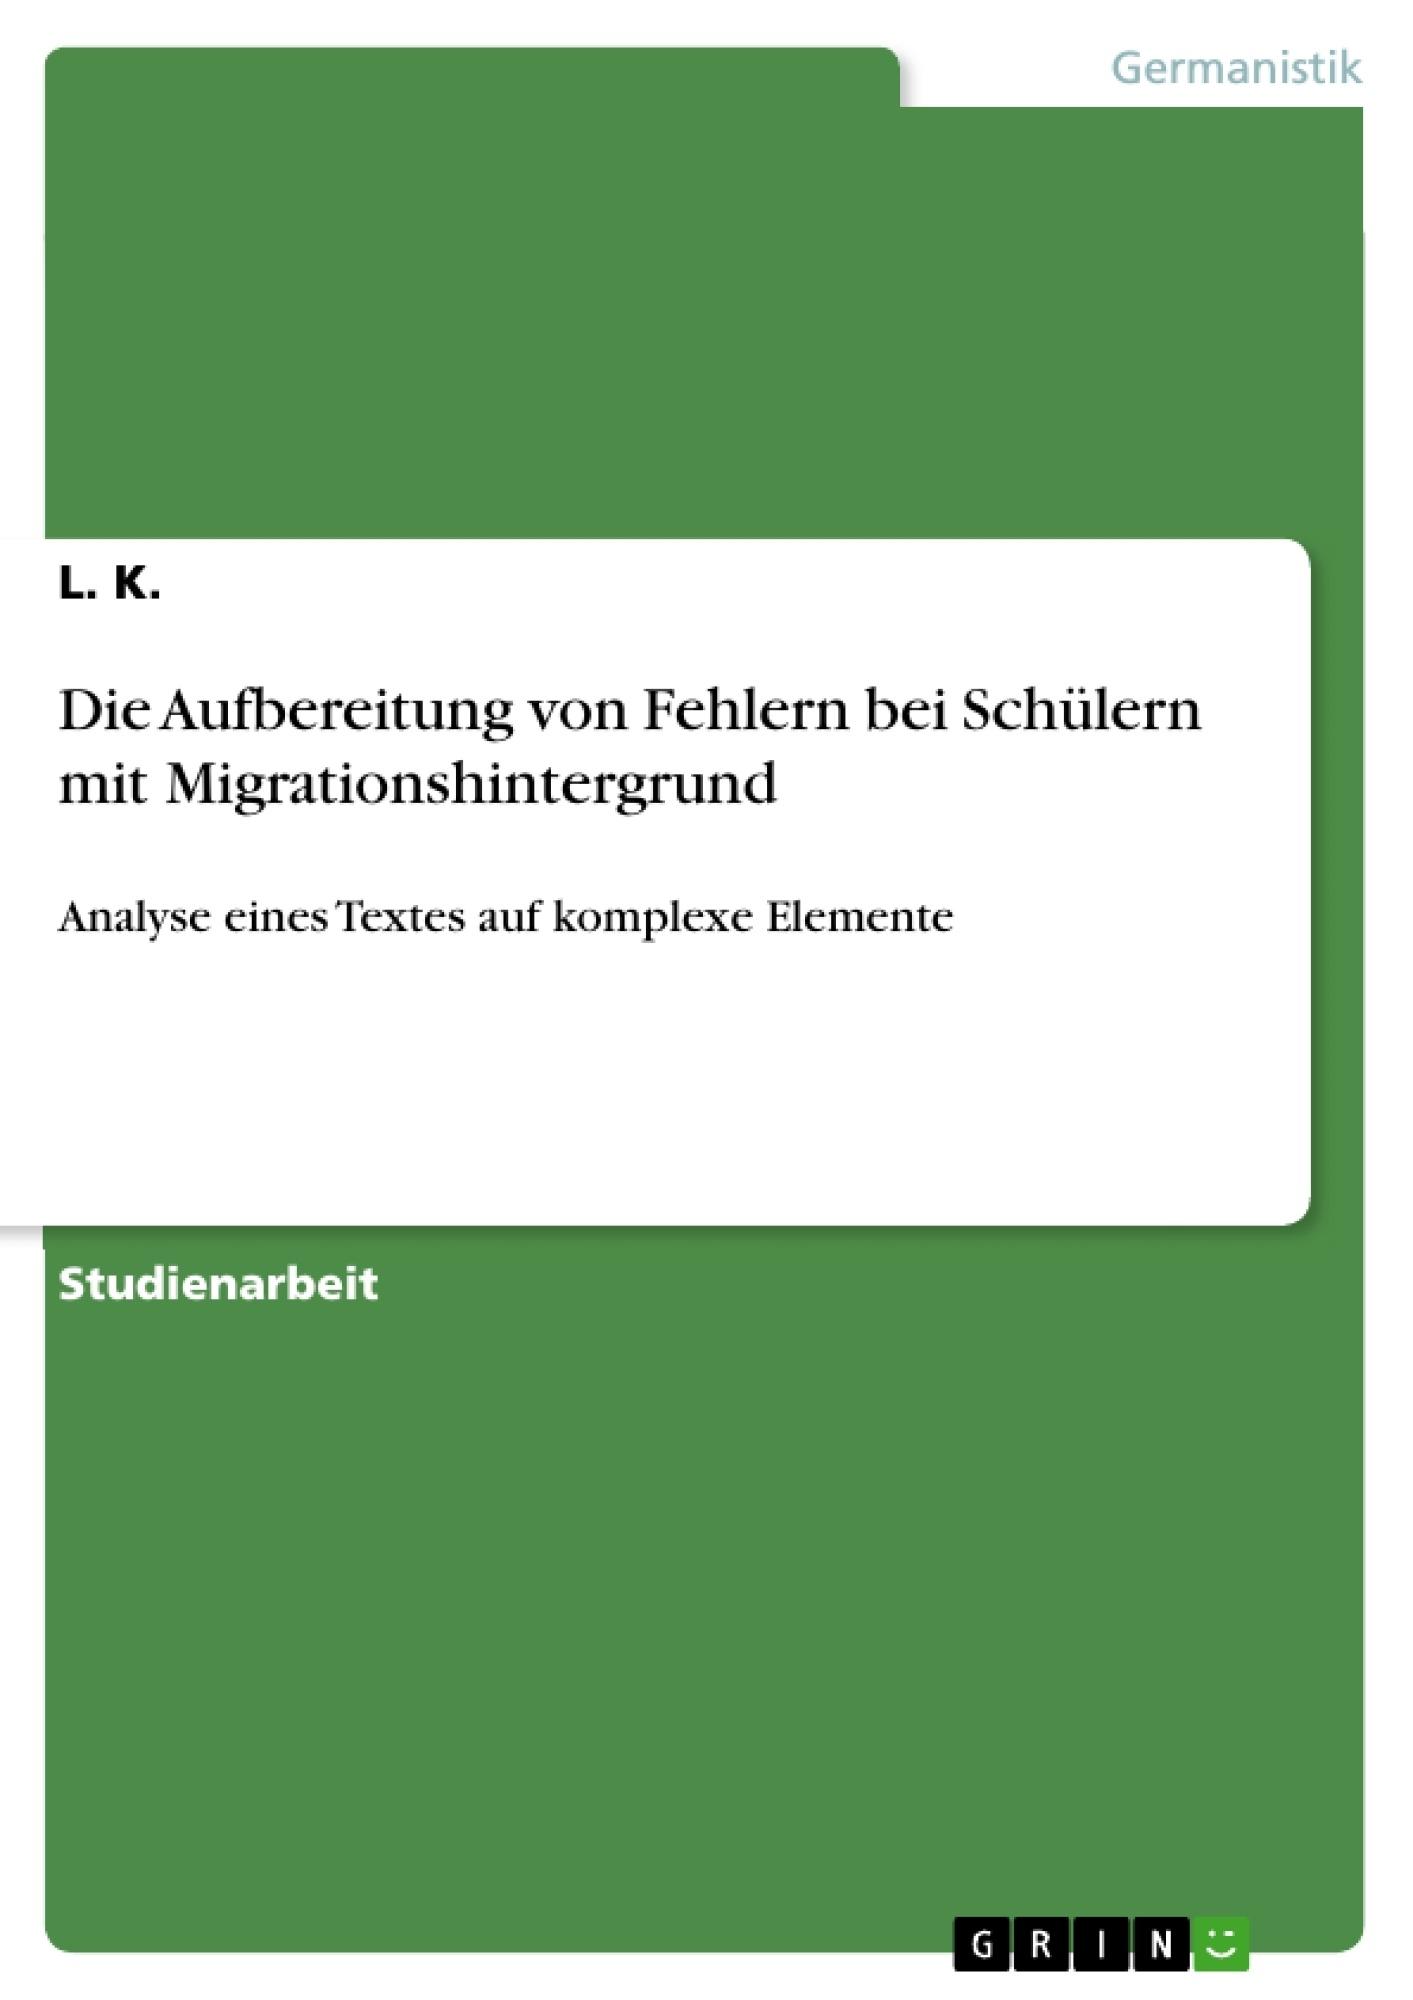 Titel: Die Aufbereitung von Fehlern bei Schülern mit Migrationshintergrund